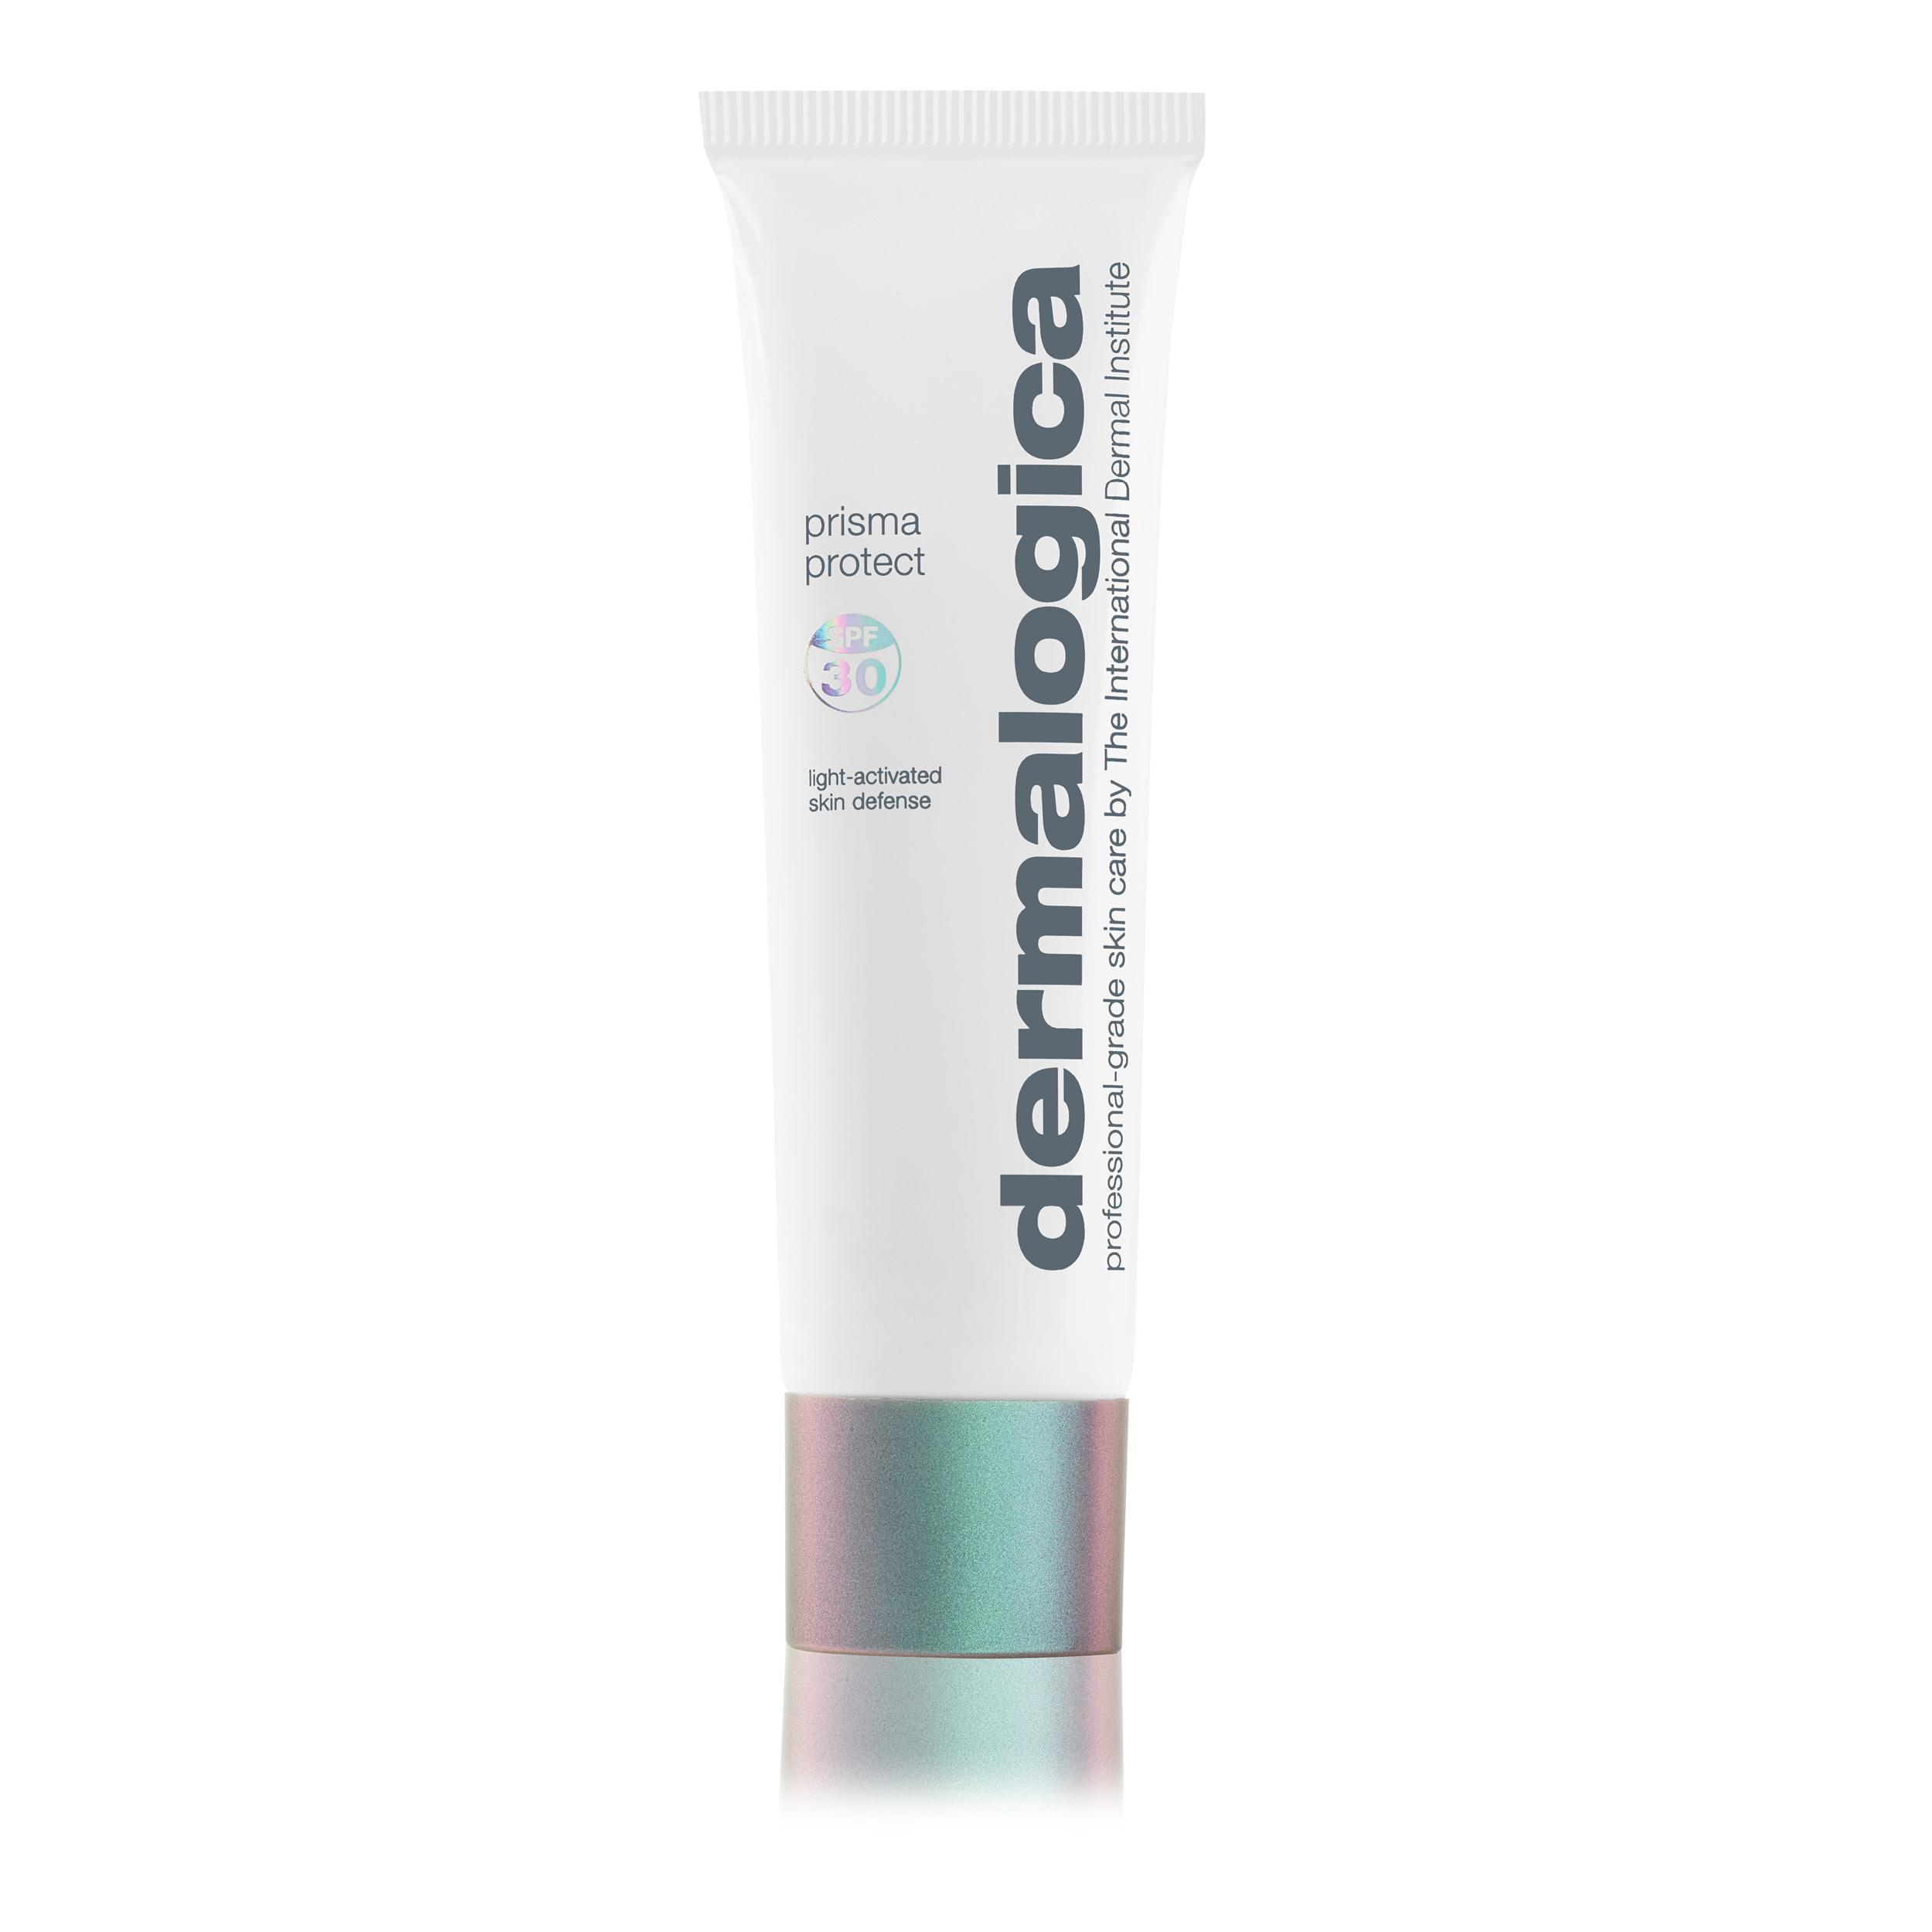 Dermalogica Prisma Protect SPF30, 50 ml